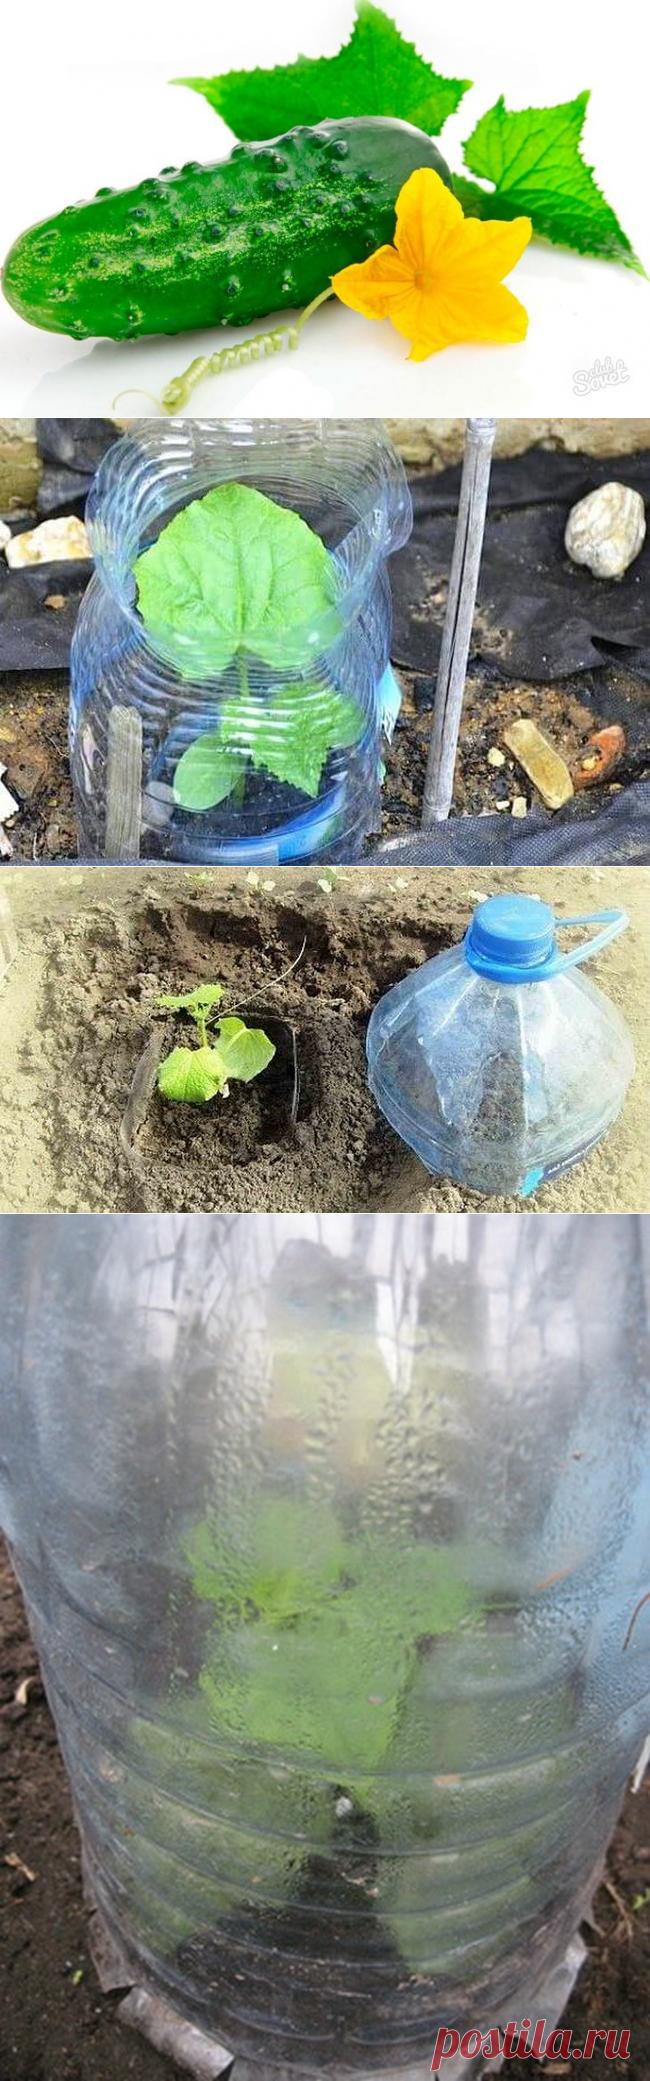 Огурцы в бутылках: выращивание, уход